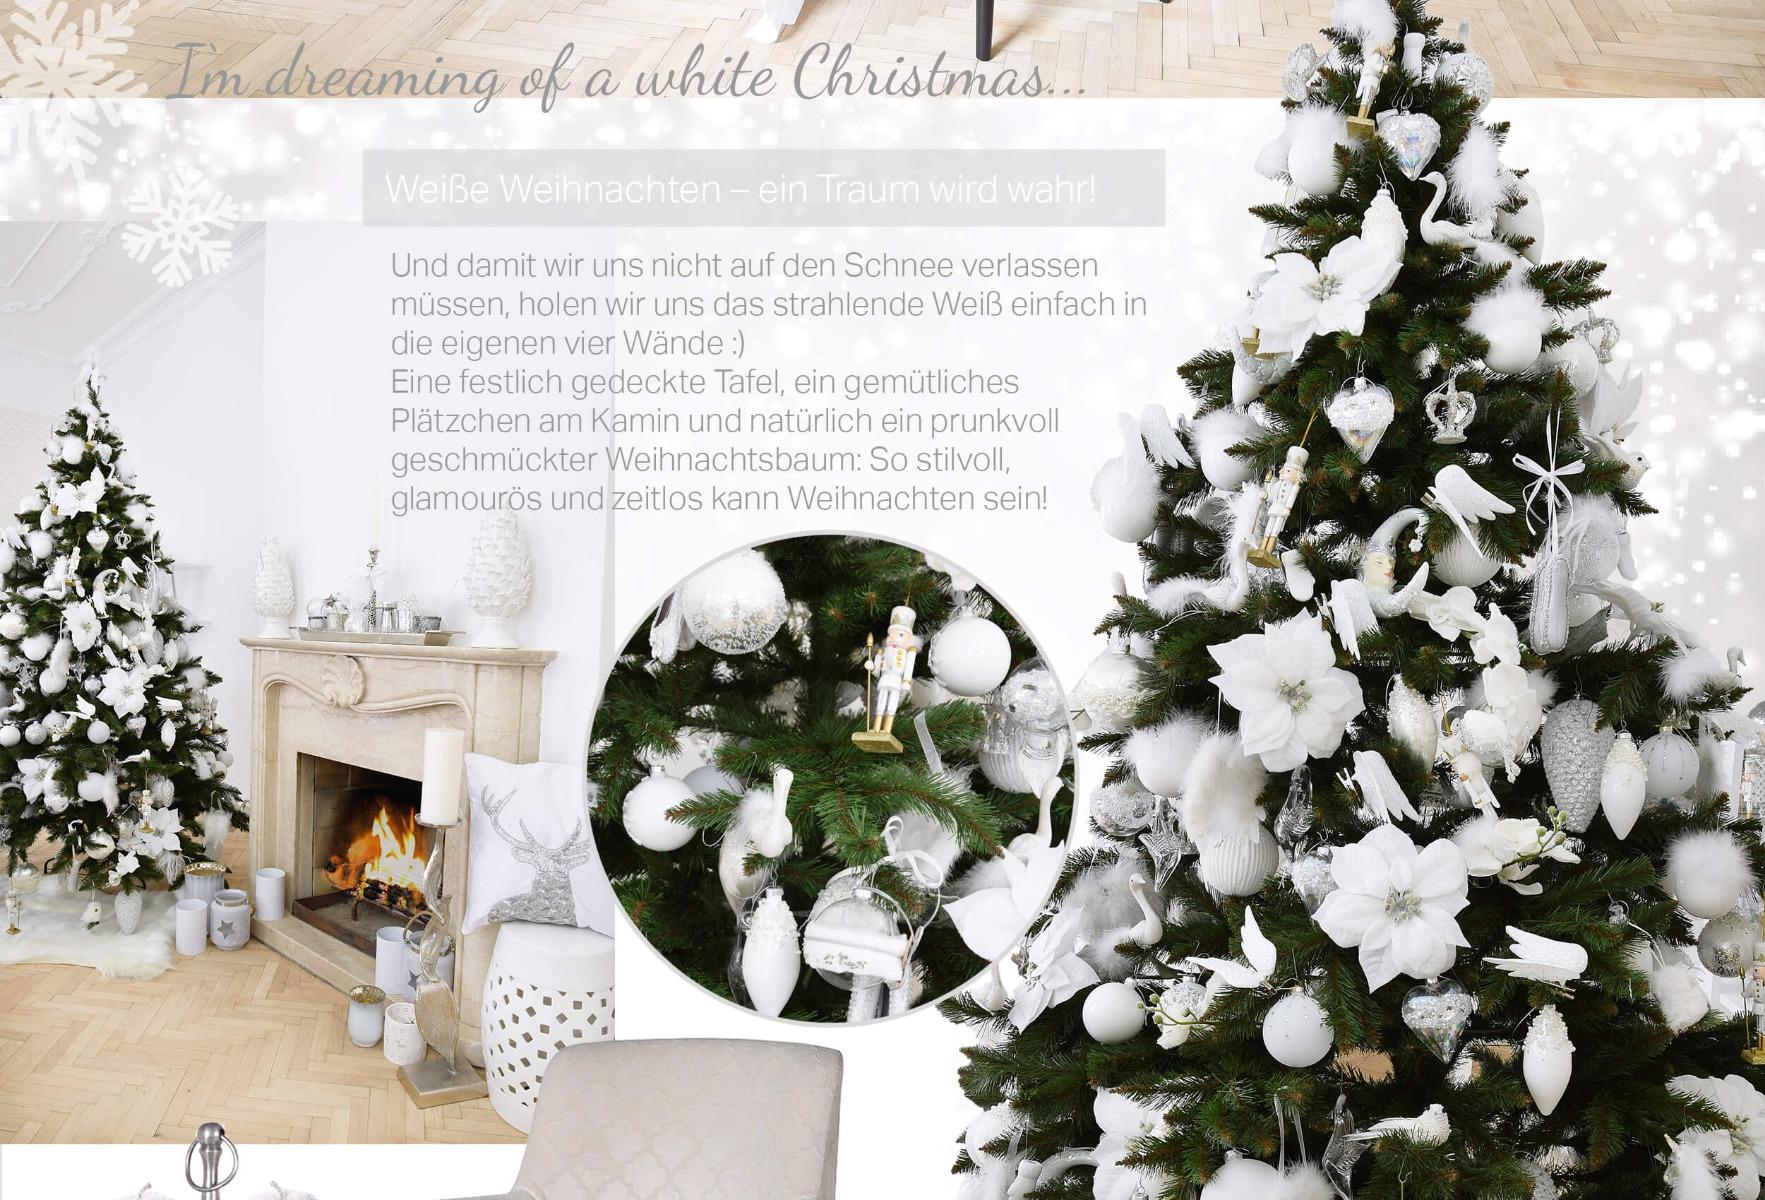 Merry Bright Weisse Weihnachten Looks